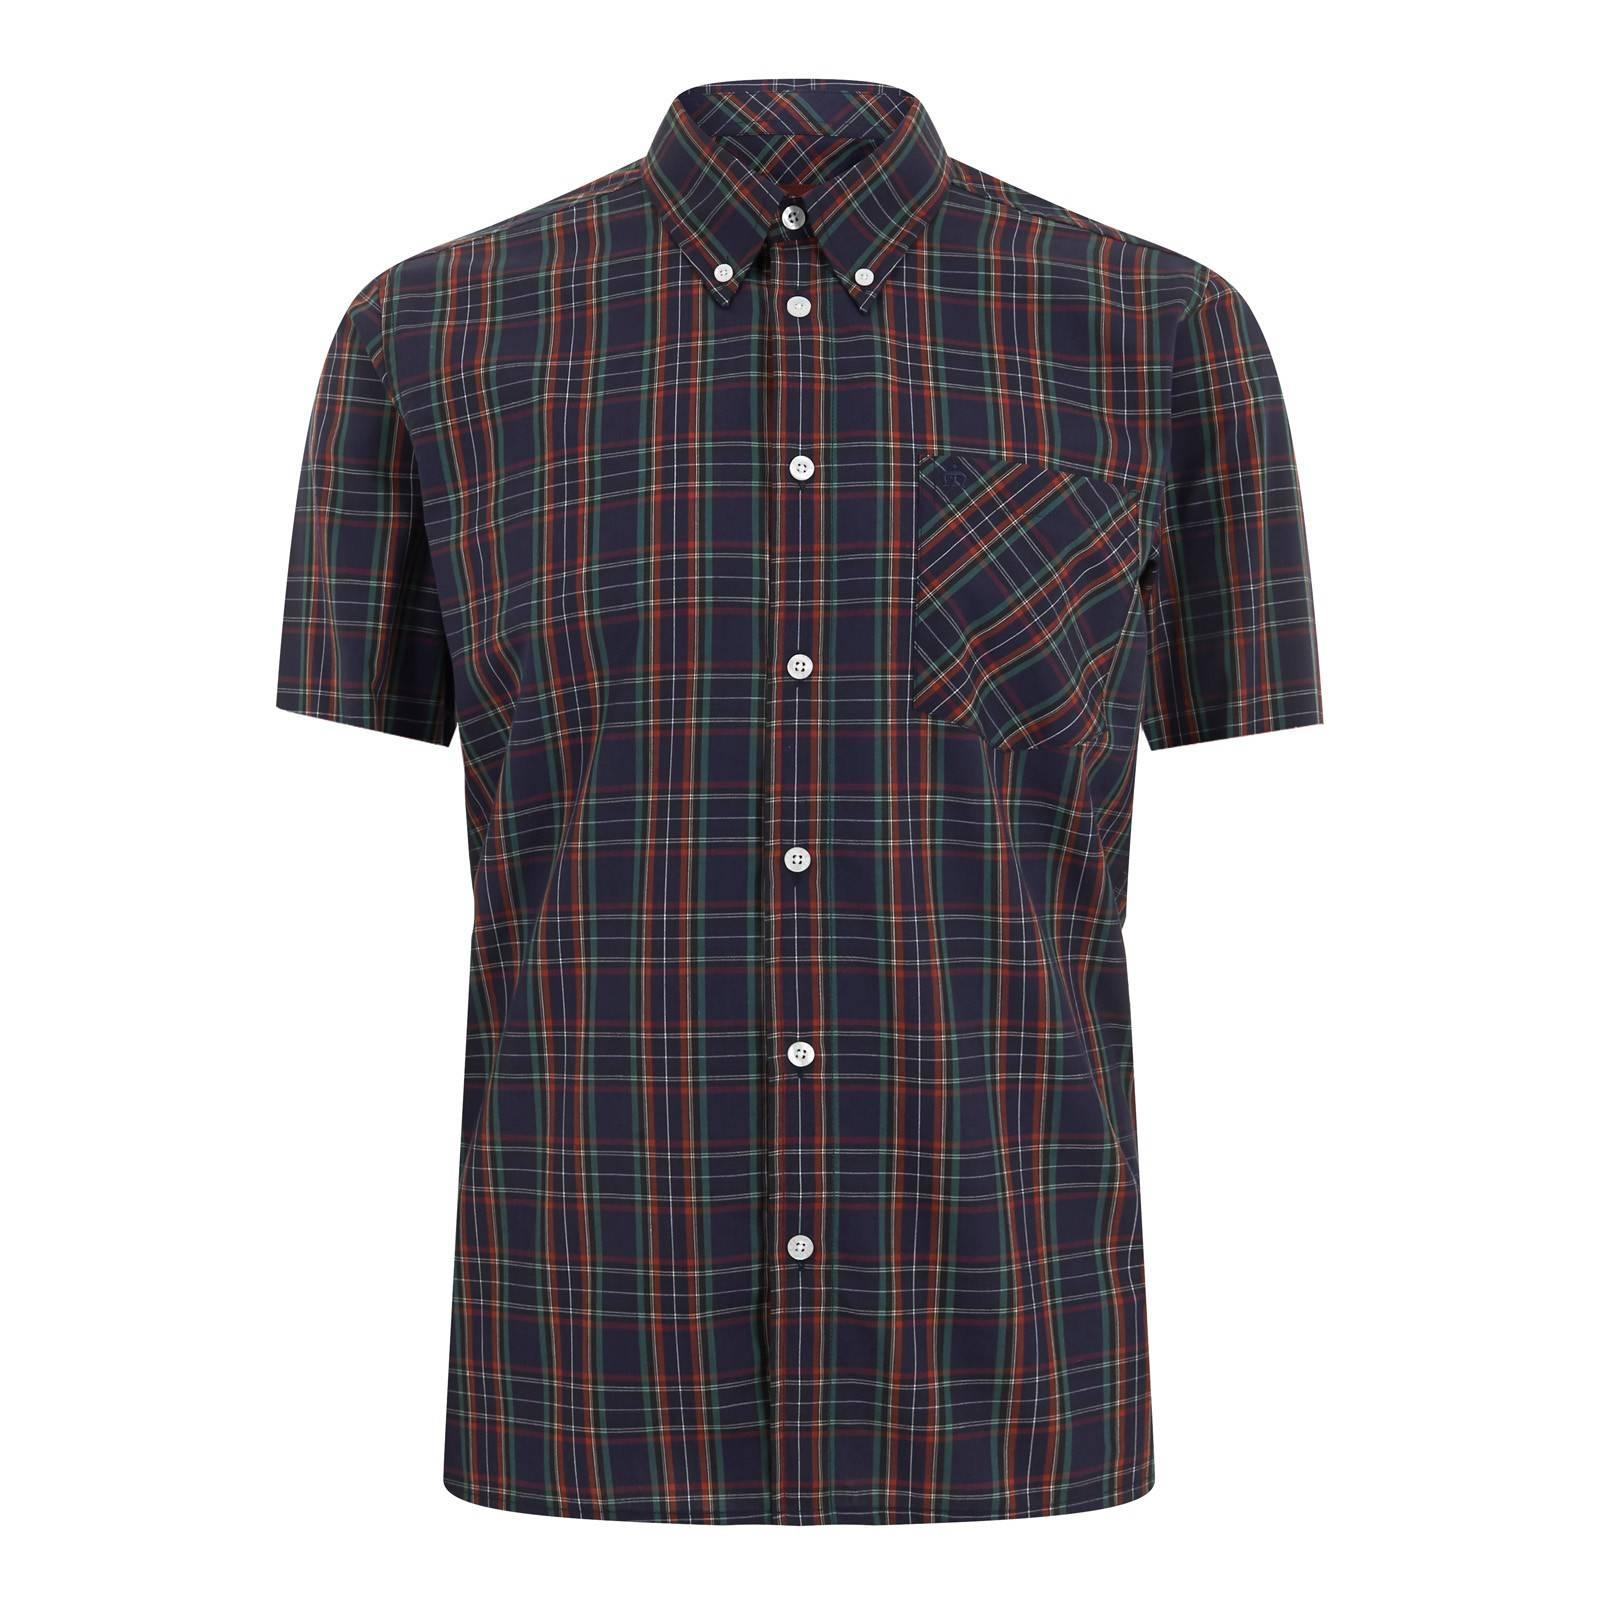 Рубашка MackButton Down<br>Приталенная мужская рубашка из тонкого, дышащего материала, в традиционную для британского стиля &amp;amp;quot;тартановую&amp;amp;quot; клетку. Можно носить навыпуск или заправлять в брюки, комбинируя с трикотажем, ветровкой или плащом. Классический воротник типа &amp;amp;quot;button down&amp;amp;quot; пристегнут к основанию рубашки на пуговицы, что делает ее идеальной парой для пуловера с V-образным вырезом или свитера. Принадлежит к базовой линии &amp;amp;quot;Core&amp;amp;quot; и производится из сезона в сезон, являясь частью наследия Merc look на протяжении многих лет.<br><br>Артикул: 1510112<br>Материал: 65% хлопок 35% полиэстер<br>Цвет: темно-синий тартан<br>Пол: Мужской